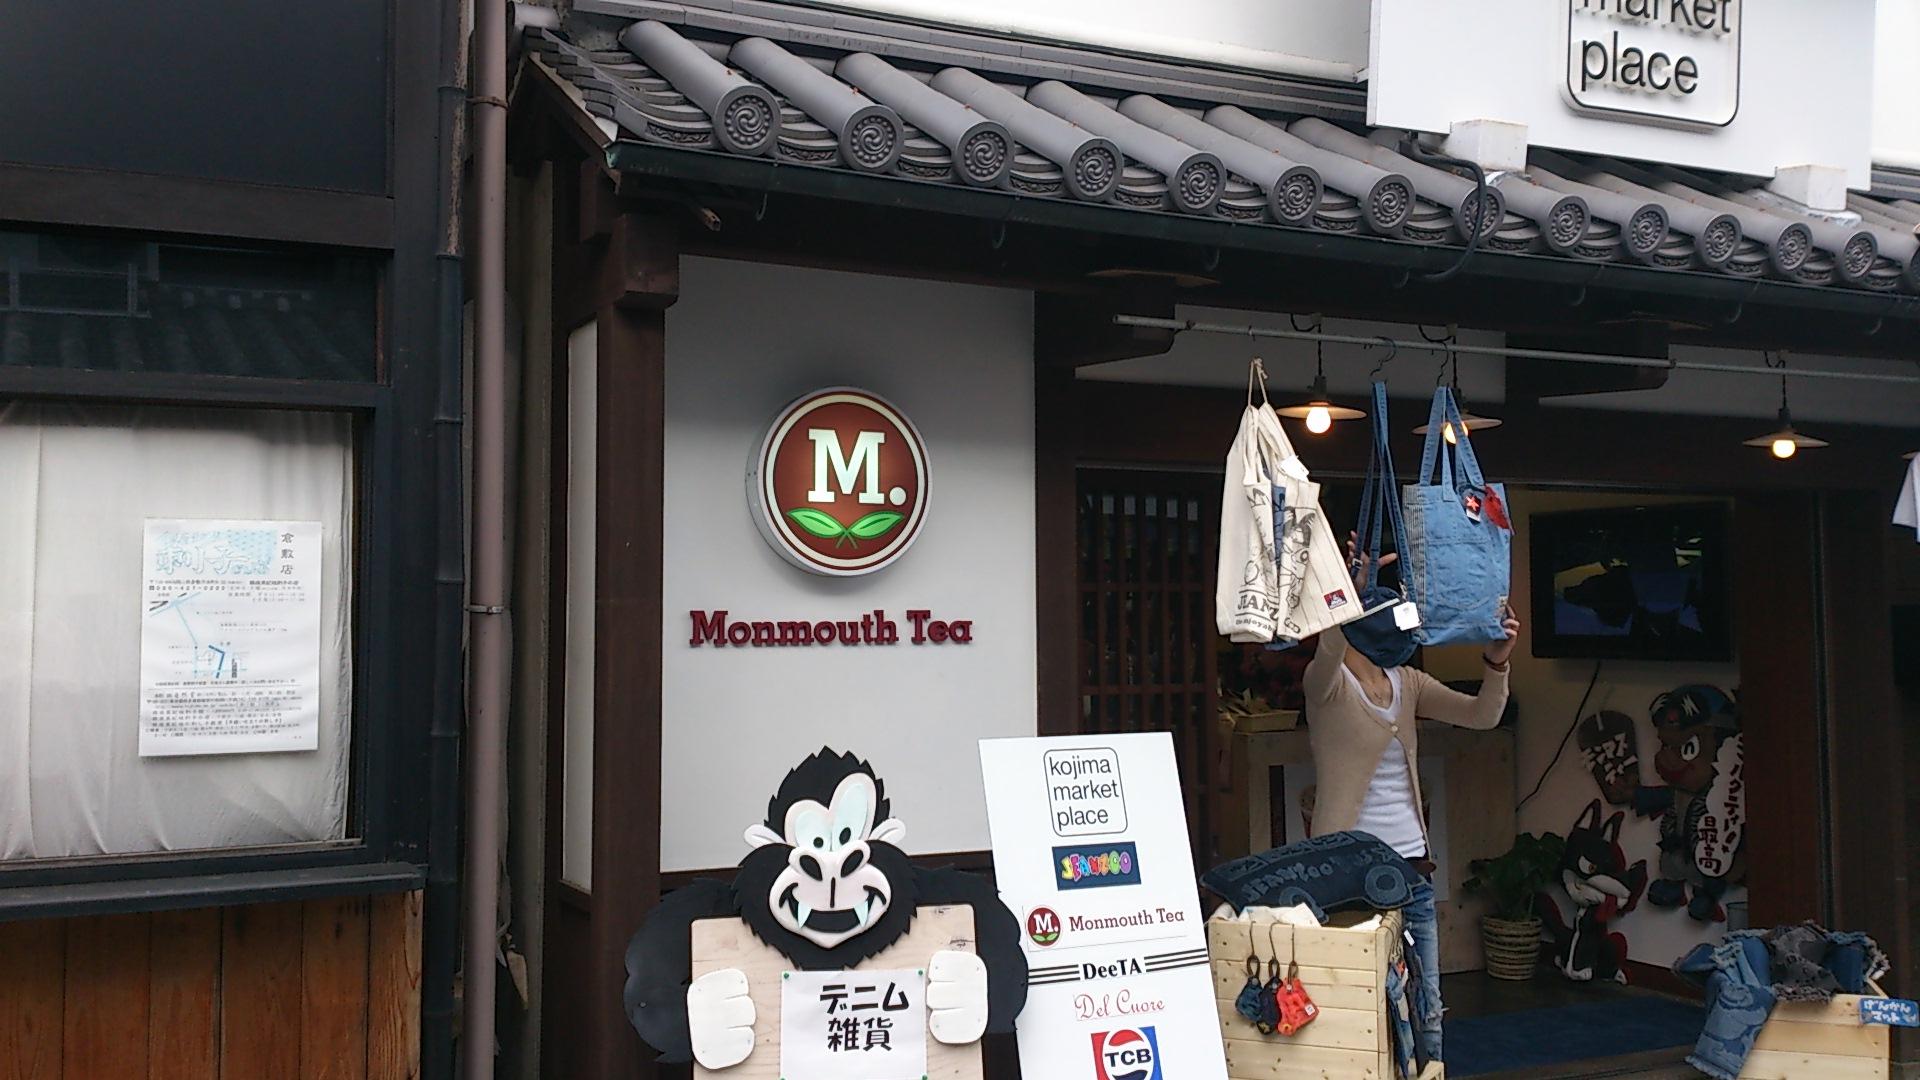 『モンマスティーが飲める店、倉敷モンマスティー』_a0075684_115581.jpg